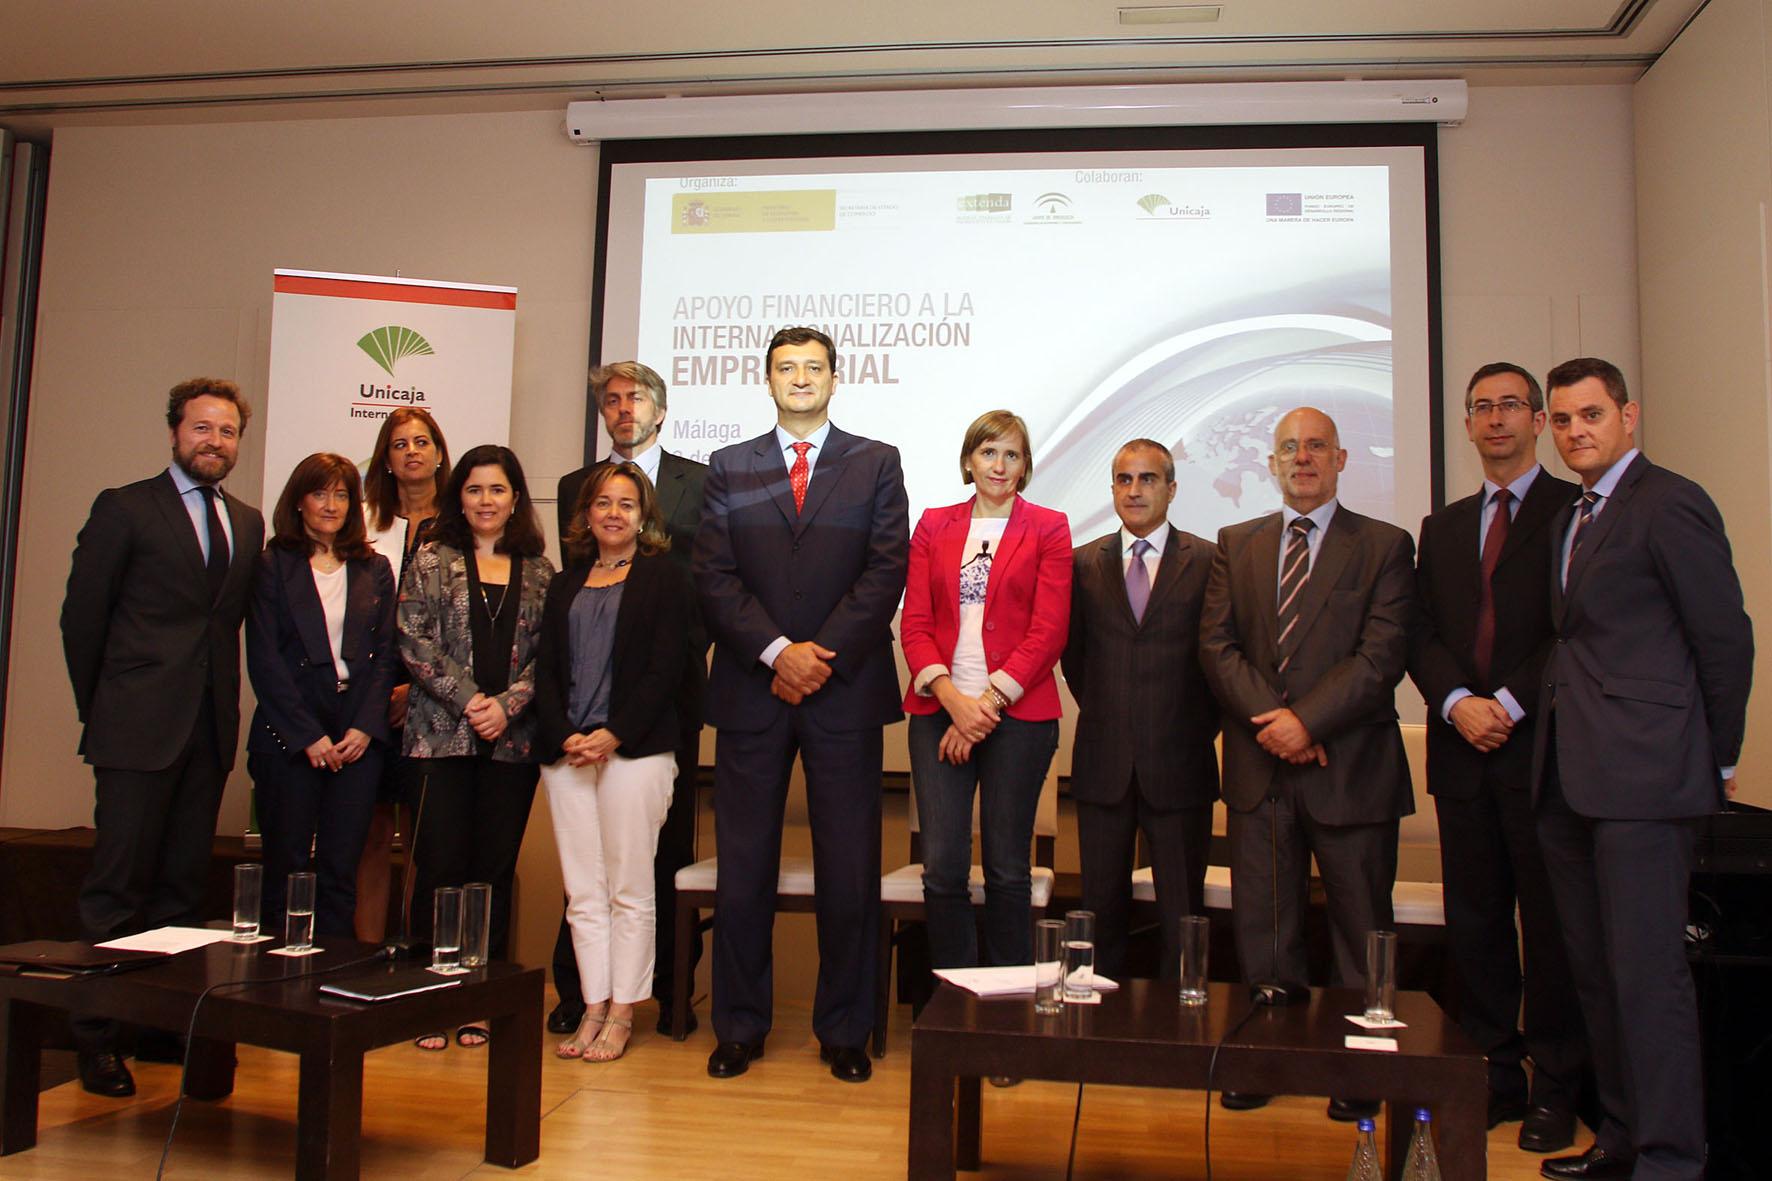 Unicaja colabora con ICEX y EXTENDA en una jornada sobre apoyo financiero a la internacionalización empresarial